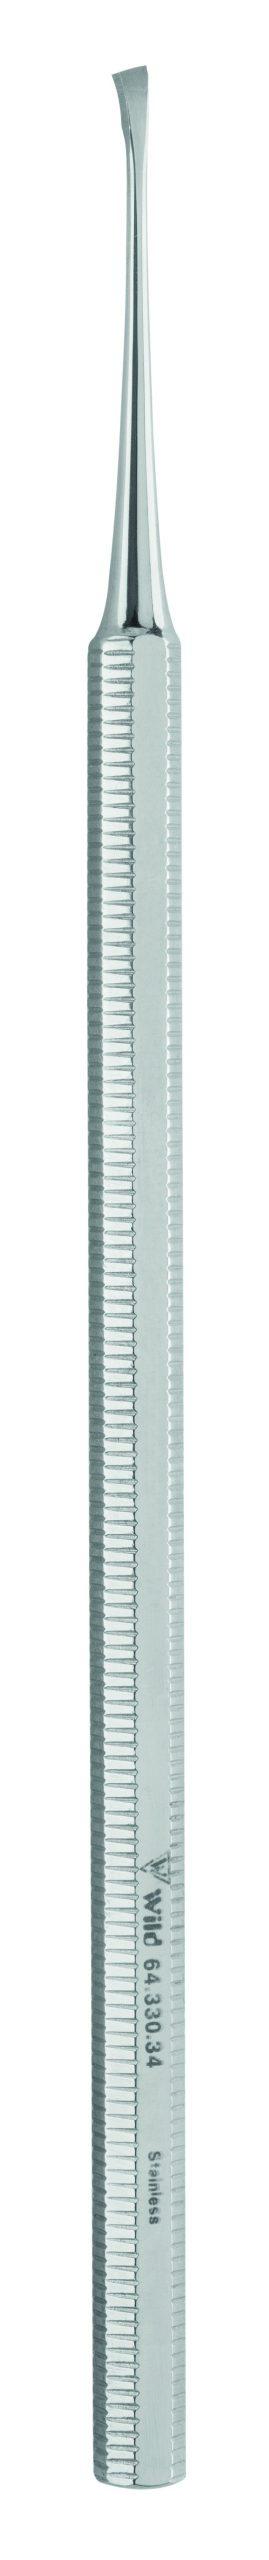 Zahnreiniger mit Achtkantgriff -Fig. 34 links- 64.330.34zum Preis von 12.81 zzgl. Versand Hersteller : Heiko Wild